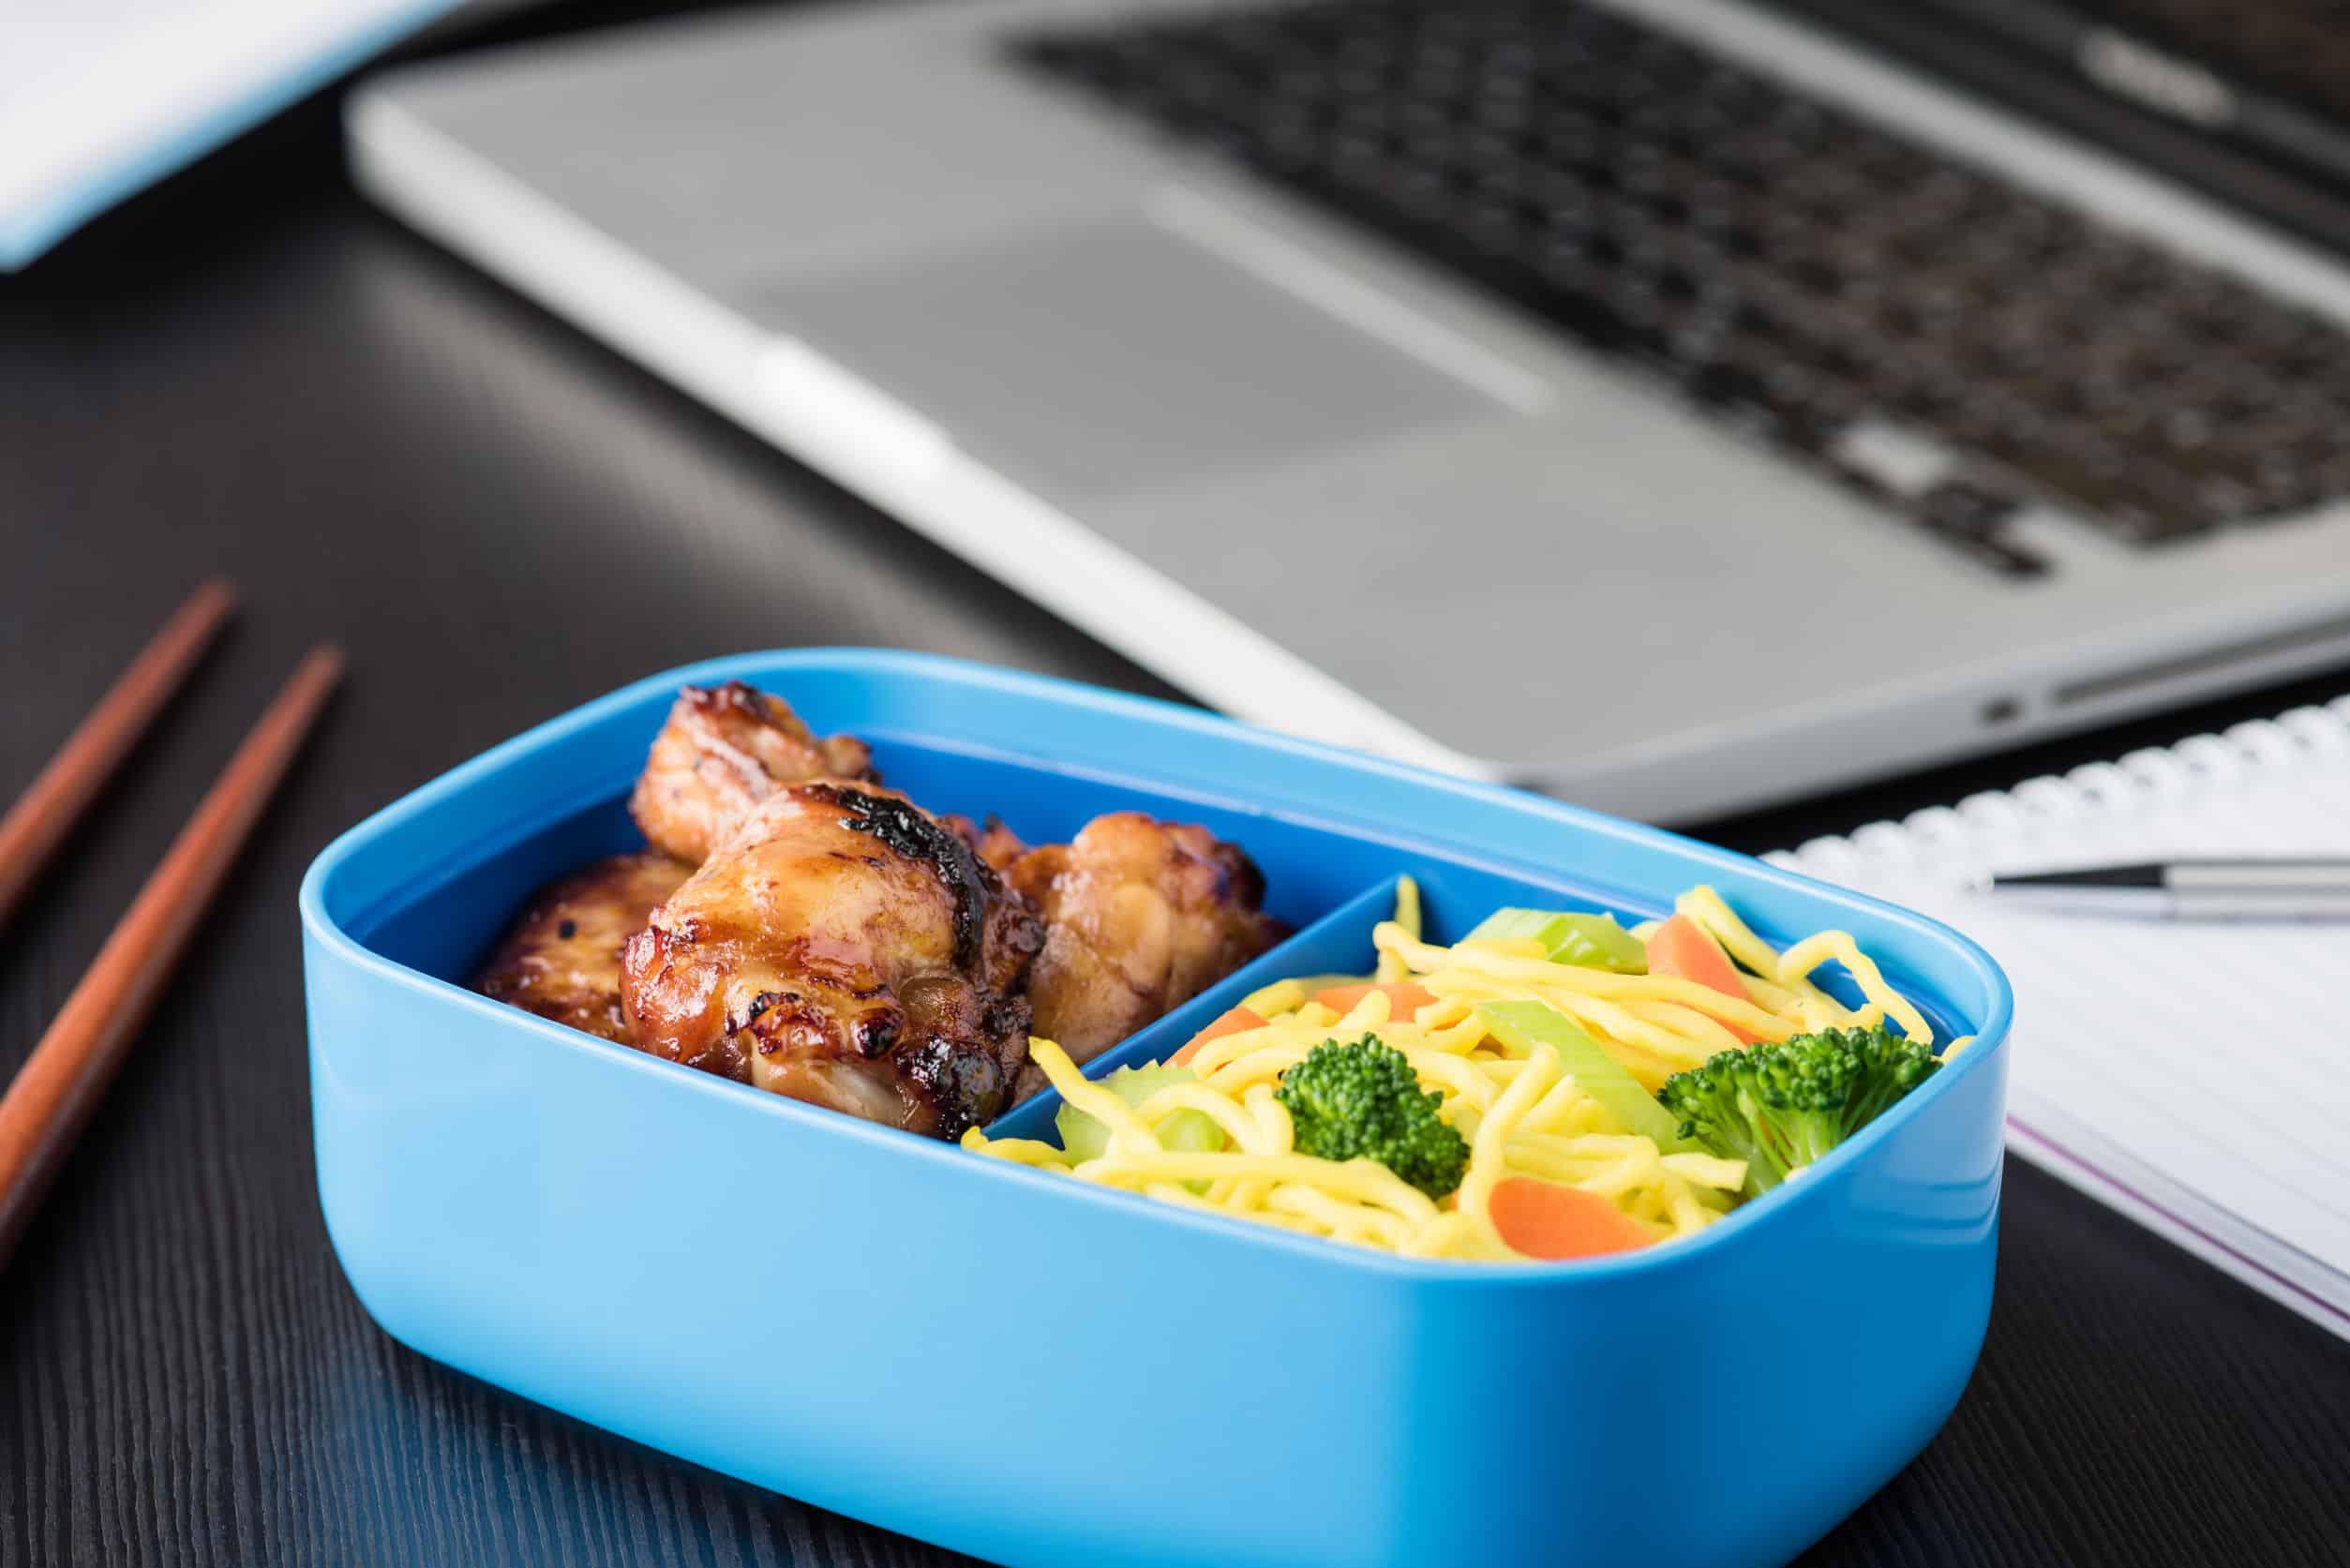 Marmita com refeição na mesa de trabalho com notebook.